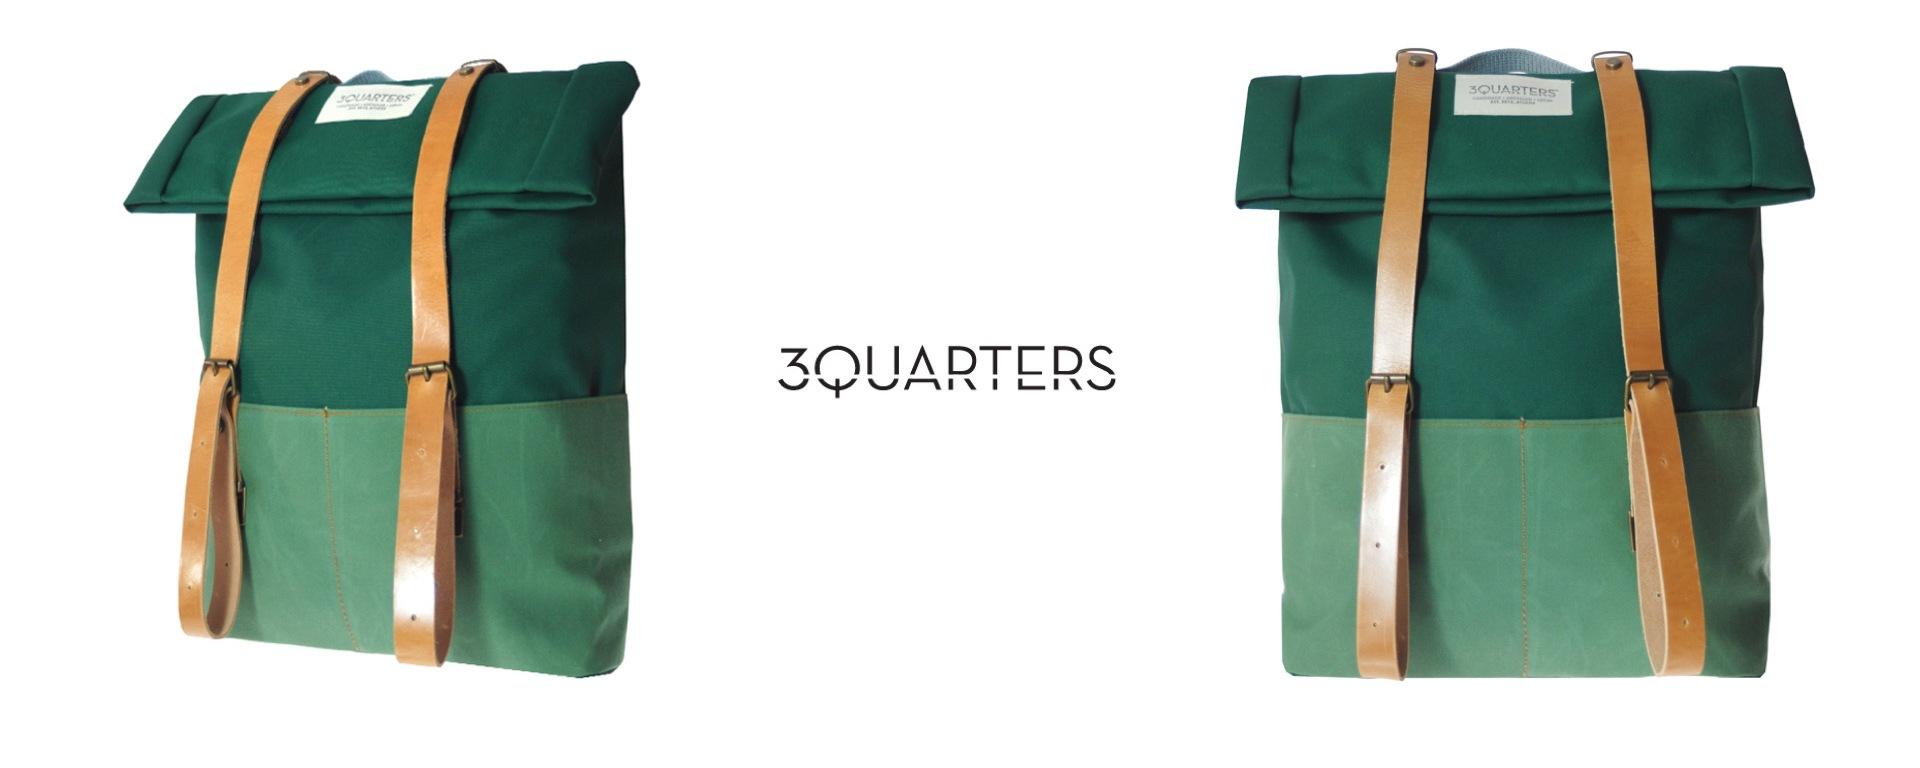 #intheclosetgr 3QUARTERS In The Closet